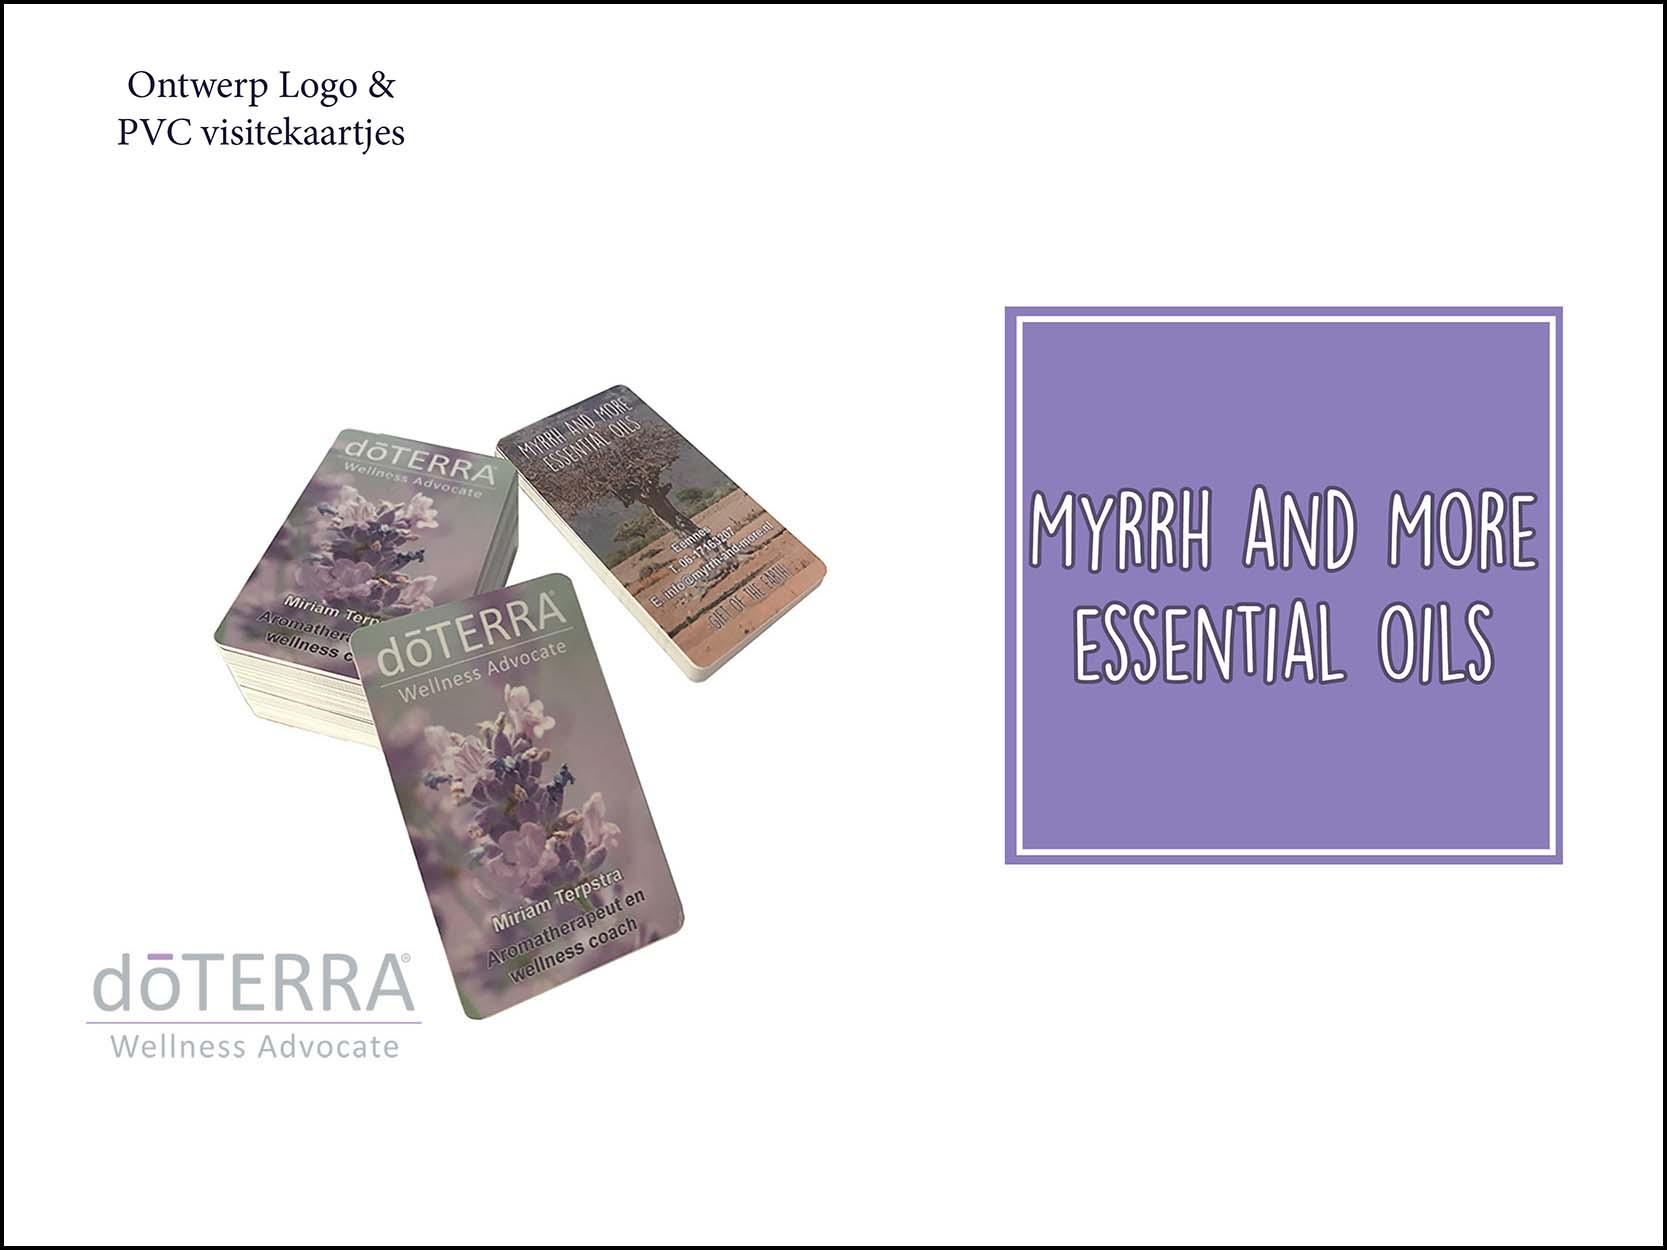 Portfolio Myrrh and More